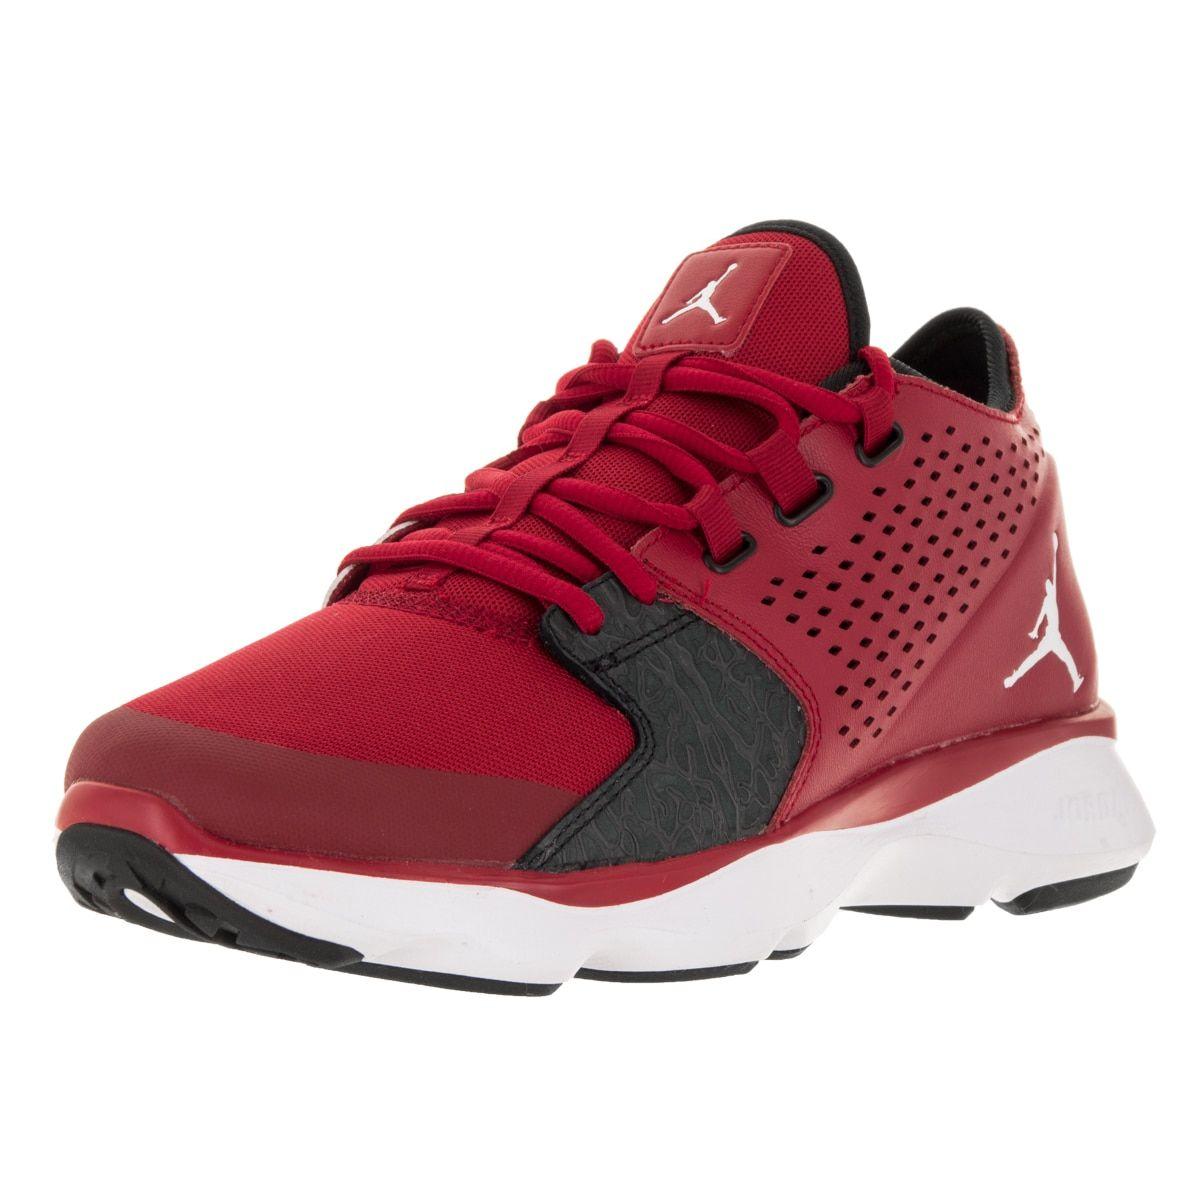 Nike Jordan Men\u0027s Jordan Flow Gym /White/Black/Anthracite Training Shoe